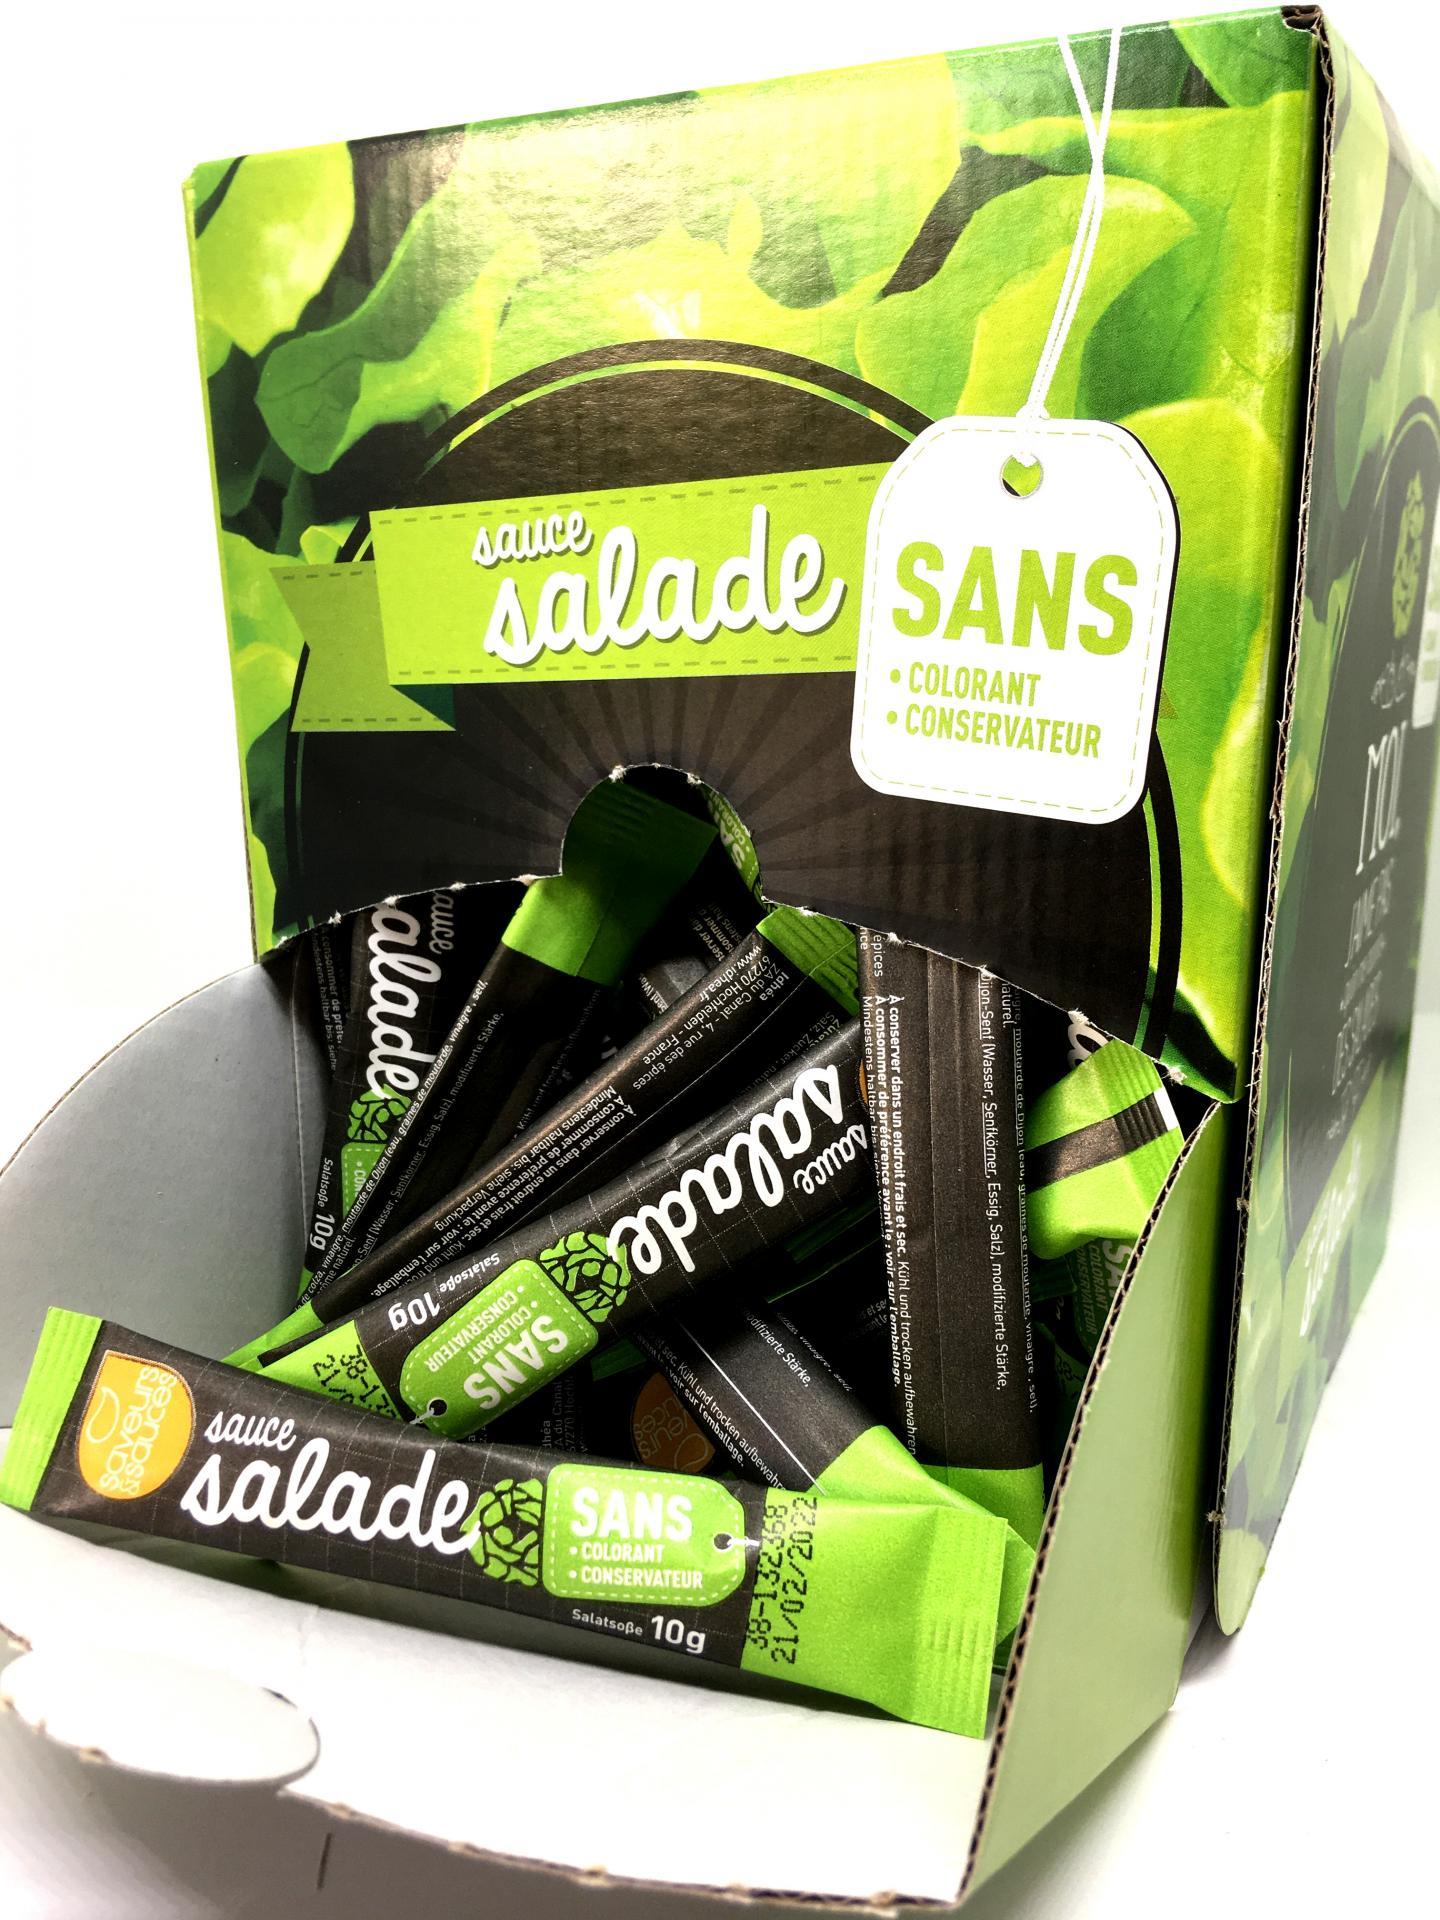 Sauce salade en stick saveurs et sauces sans colorant sans conservateur 10 g x 100 boite service